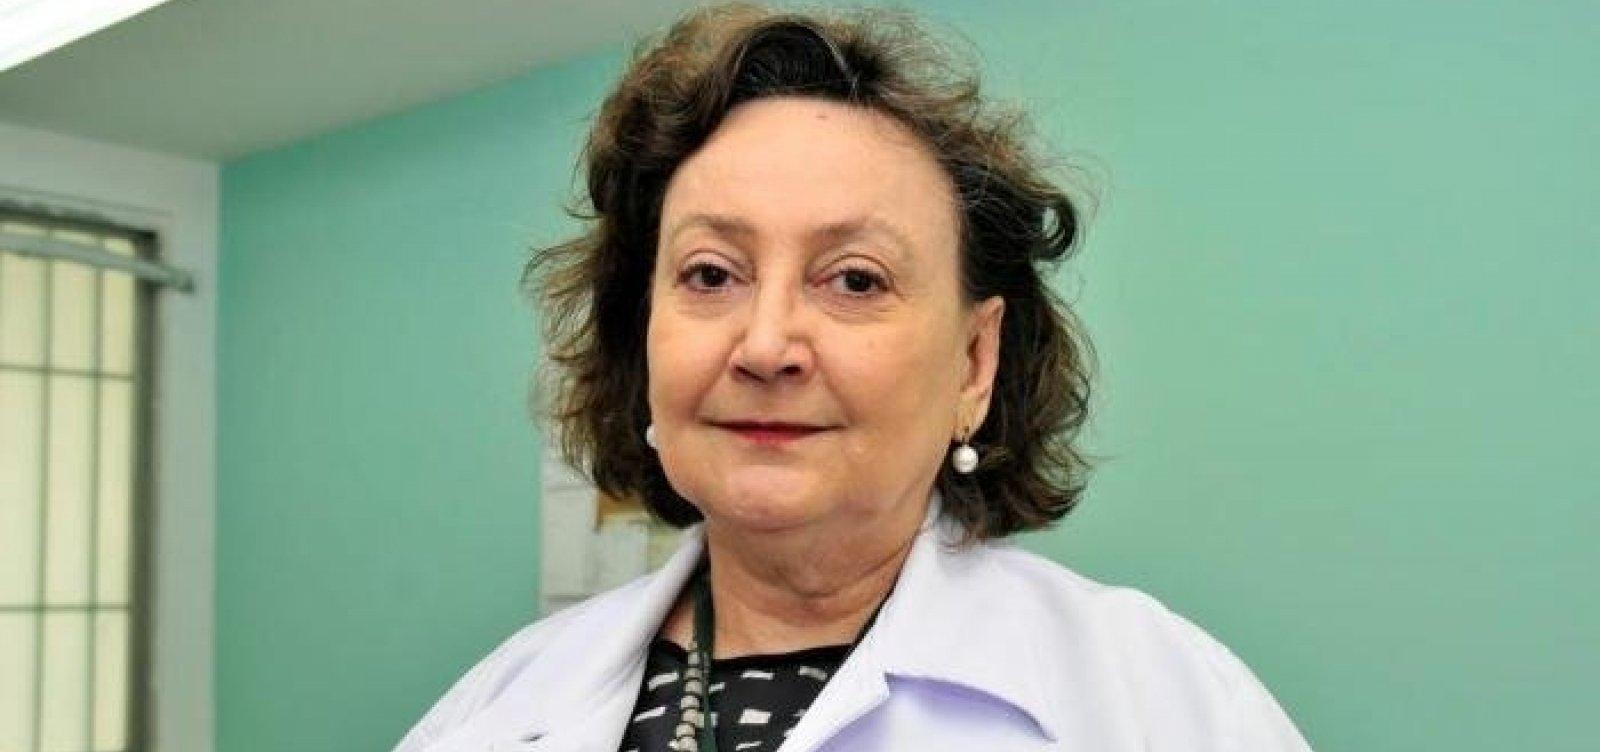 Pneumologista afirma que não há perspectivas próximas de controle da Covid-19 no Brasil